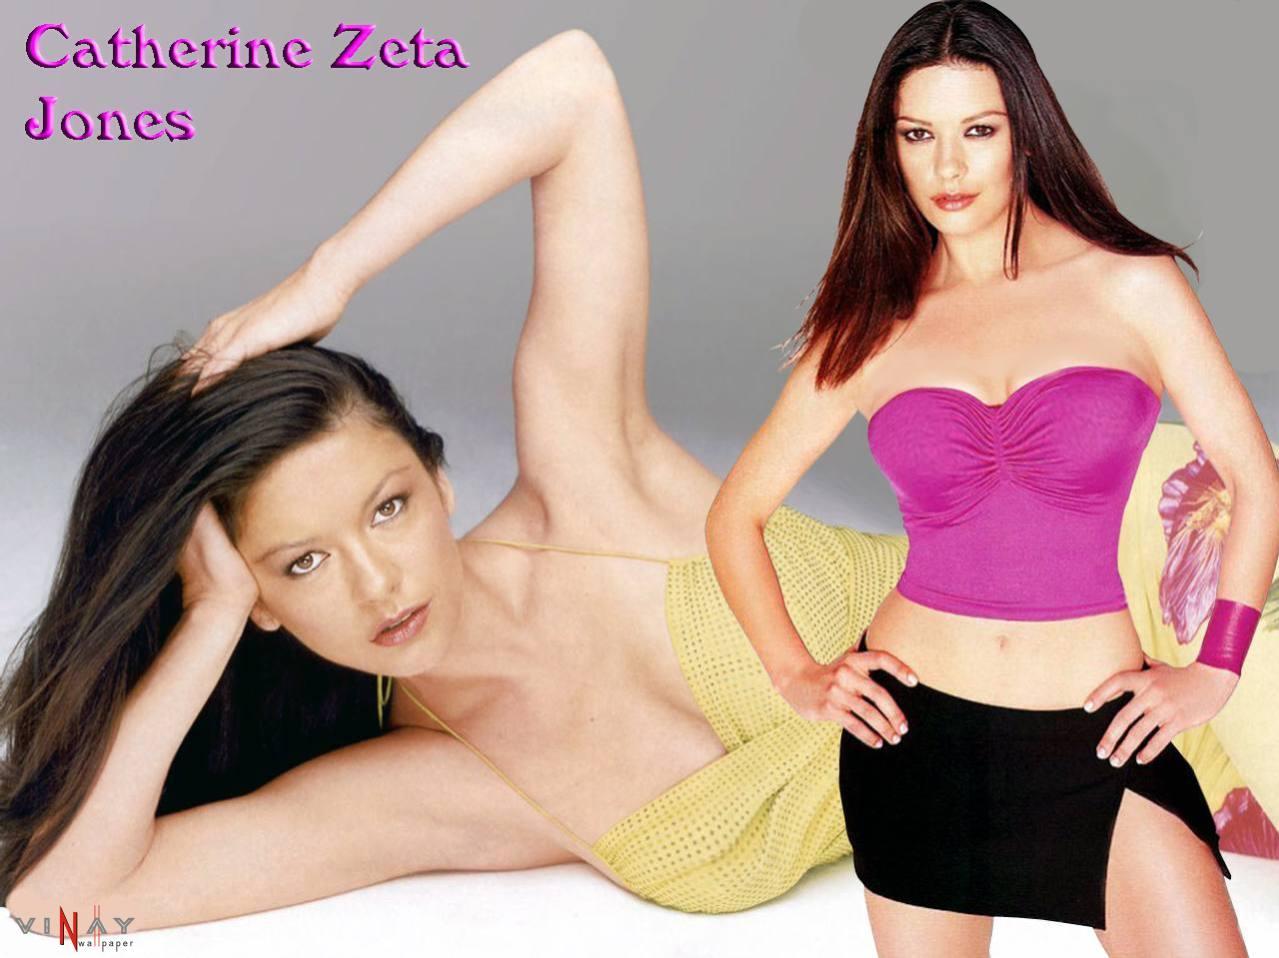 http://1.bp.blogspot.com/-R1B_iBr_KOo/UY96uIKZJPI/AAAAAAAAD78/9U9e59TzC1g/s1600/Catherine+Zeta+Jones+9.jpg